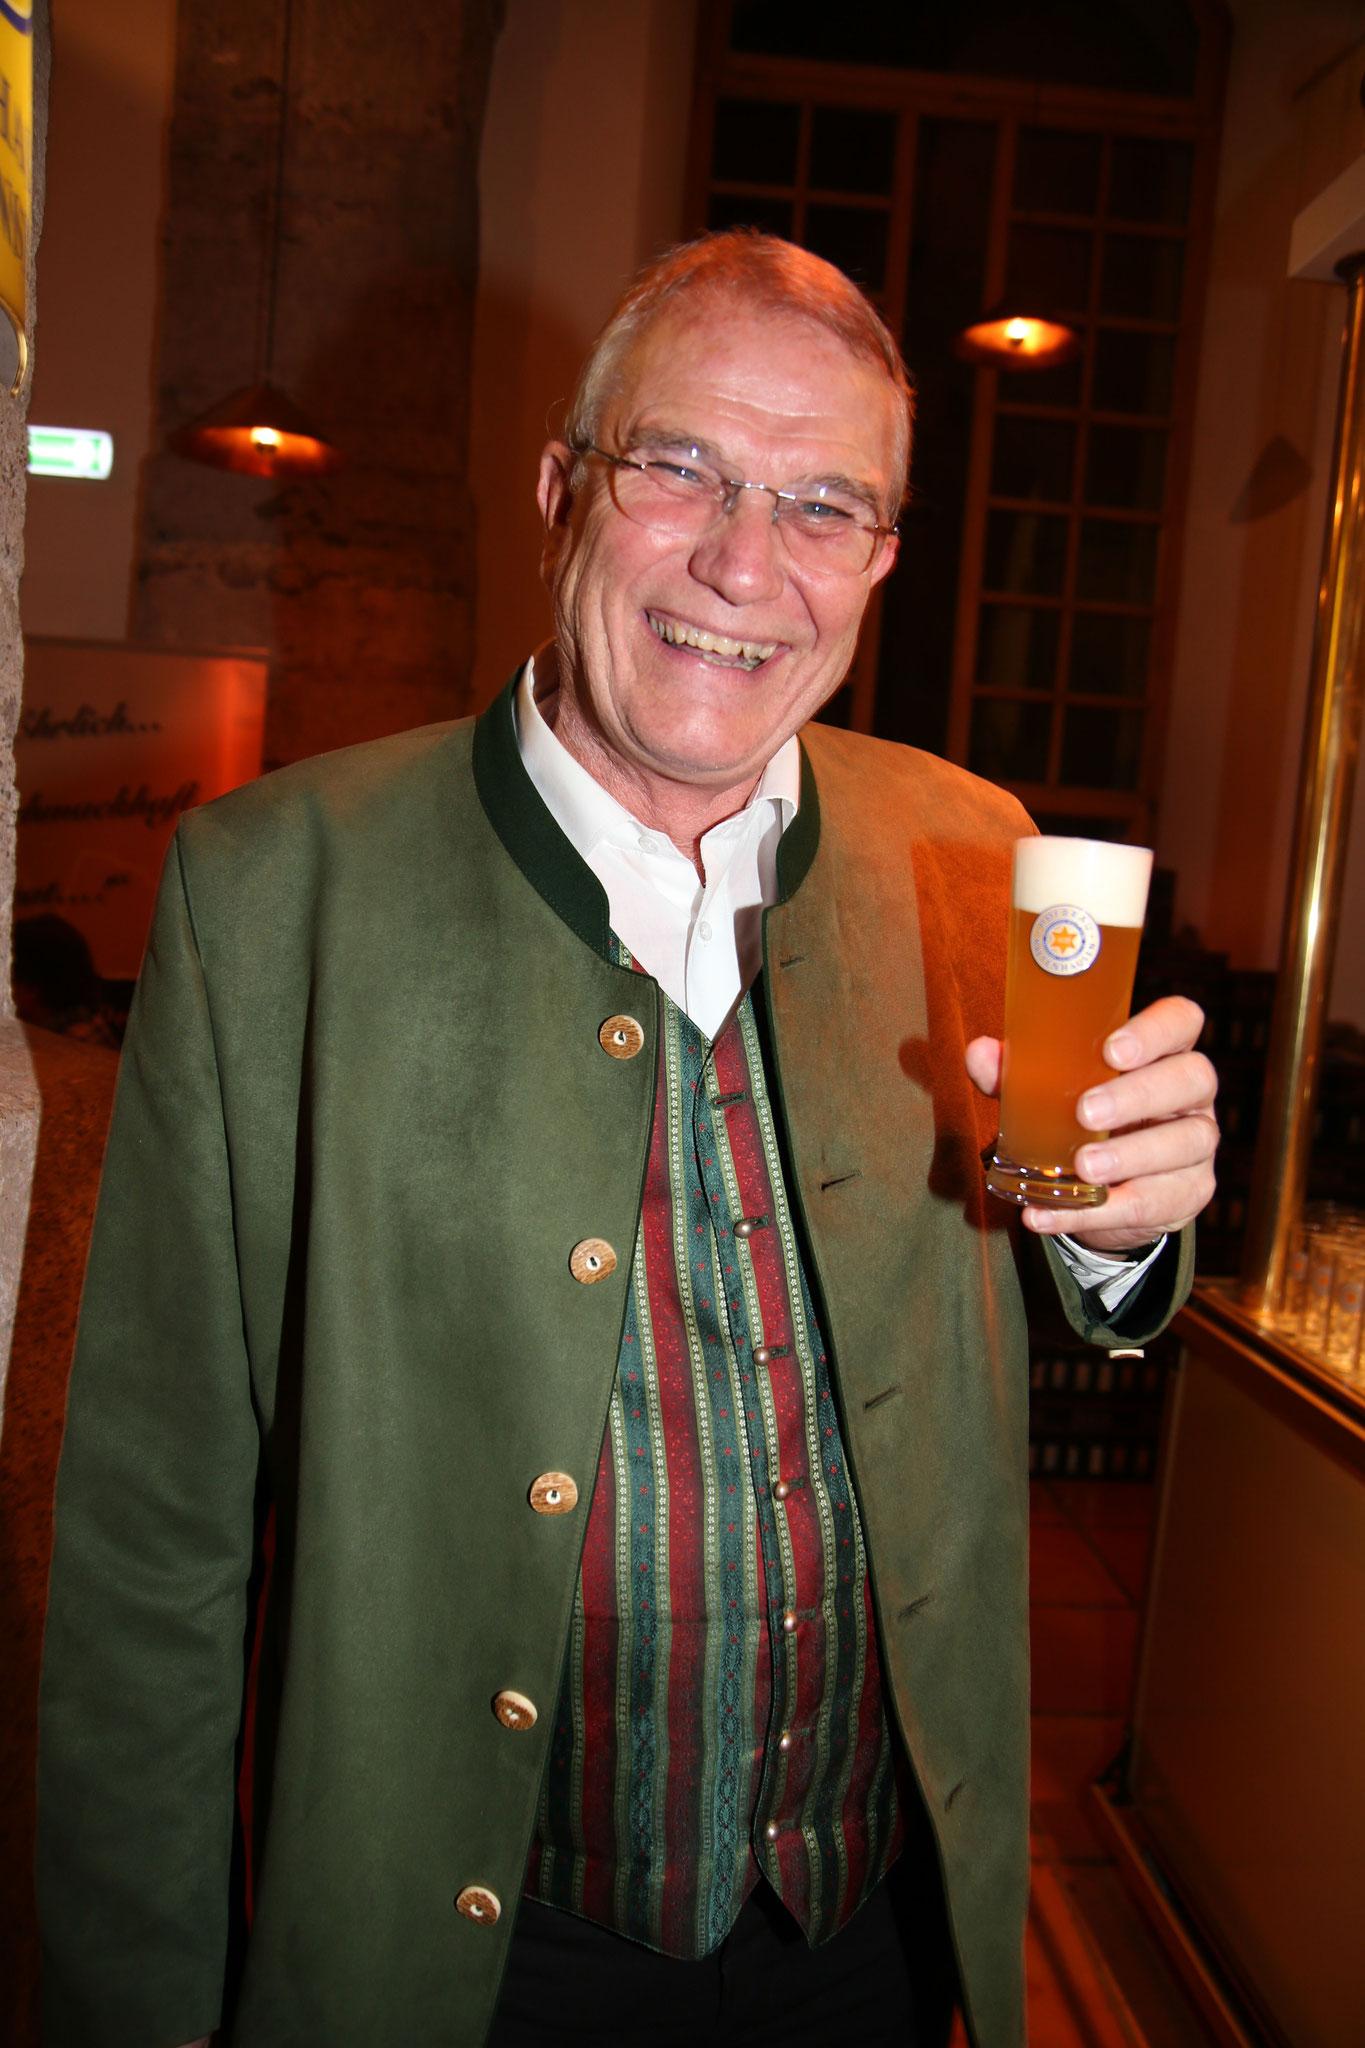 Unser hervorragender und legendärer Braumeister Dr. Günther Seeleitner.